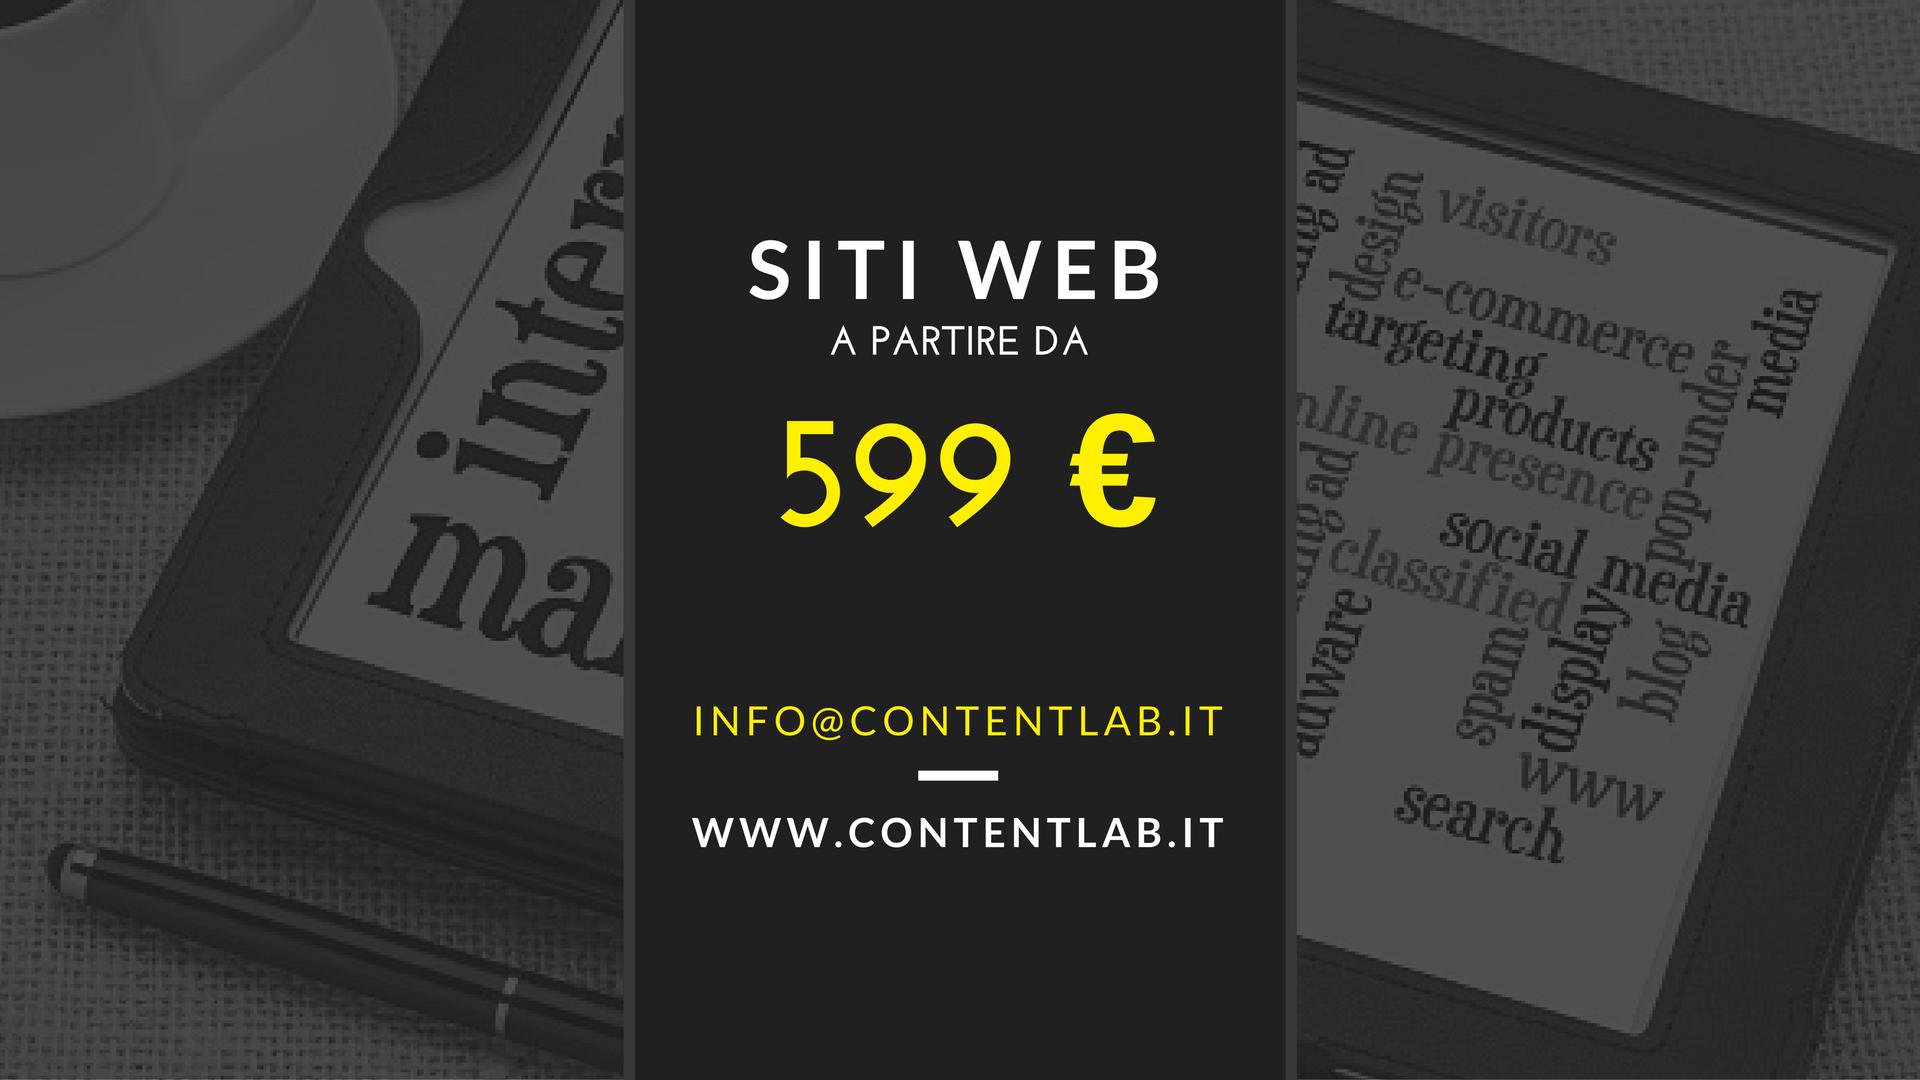 realizzazione-siti-web-prezzi